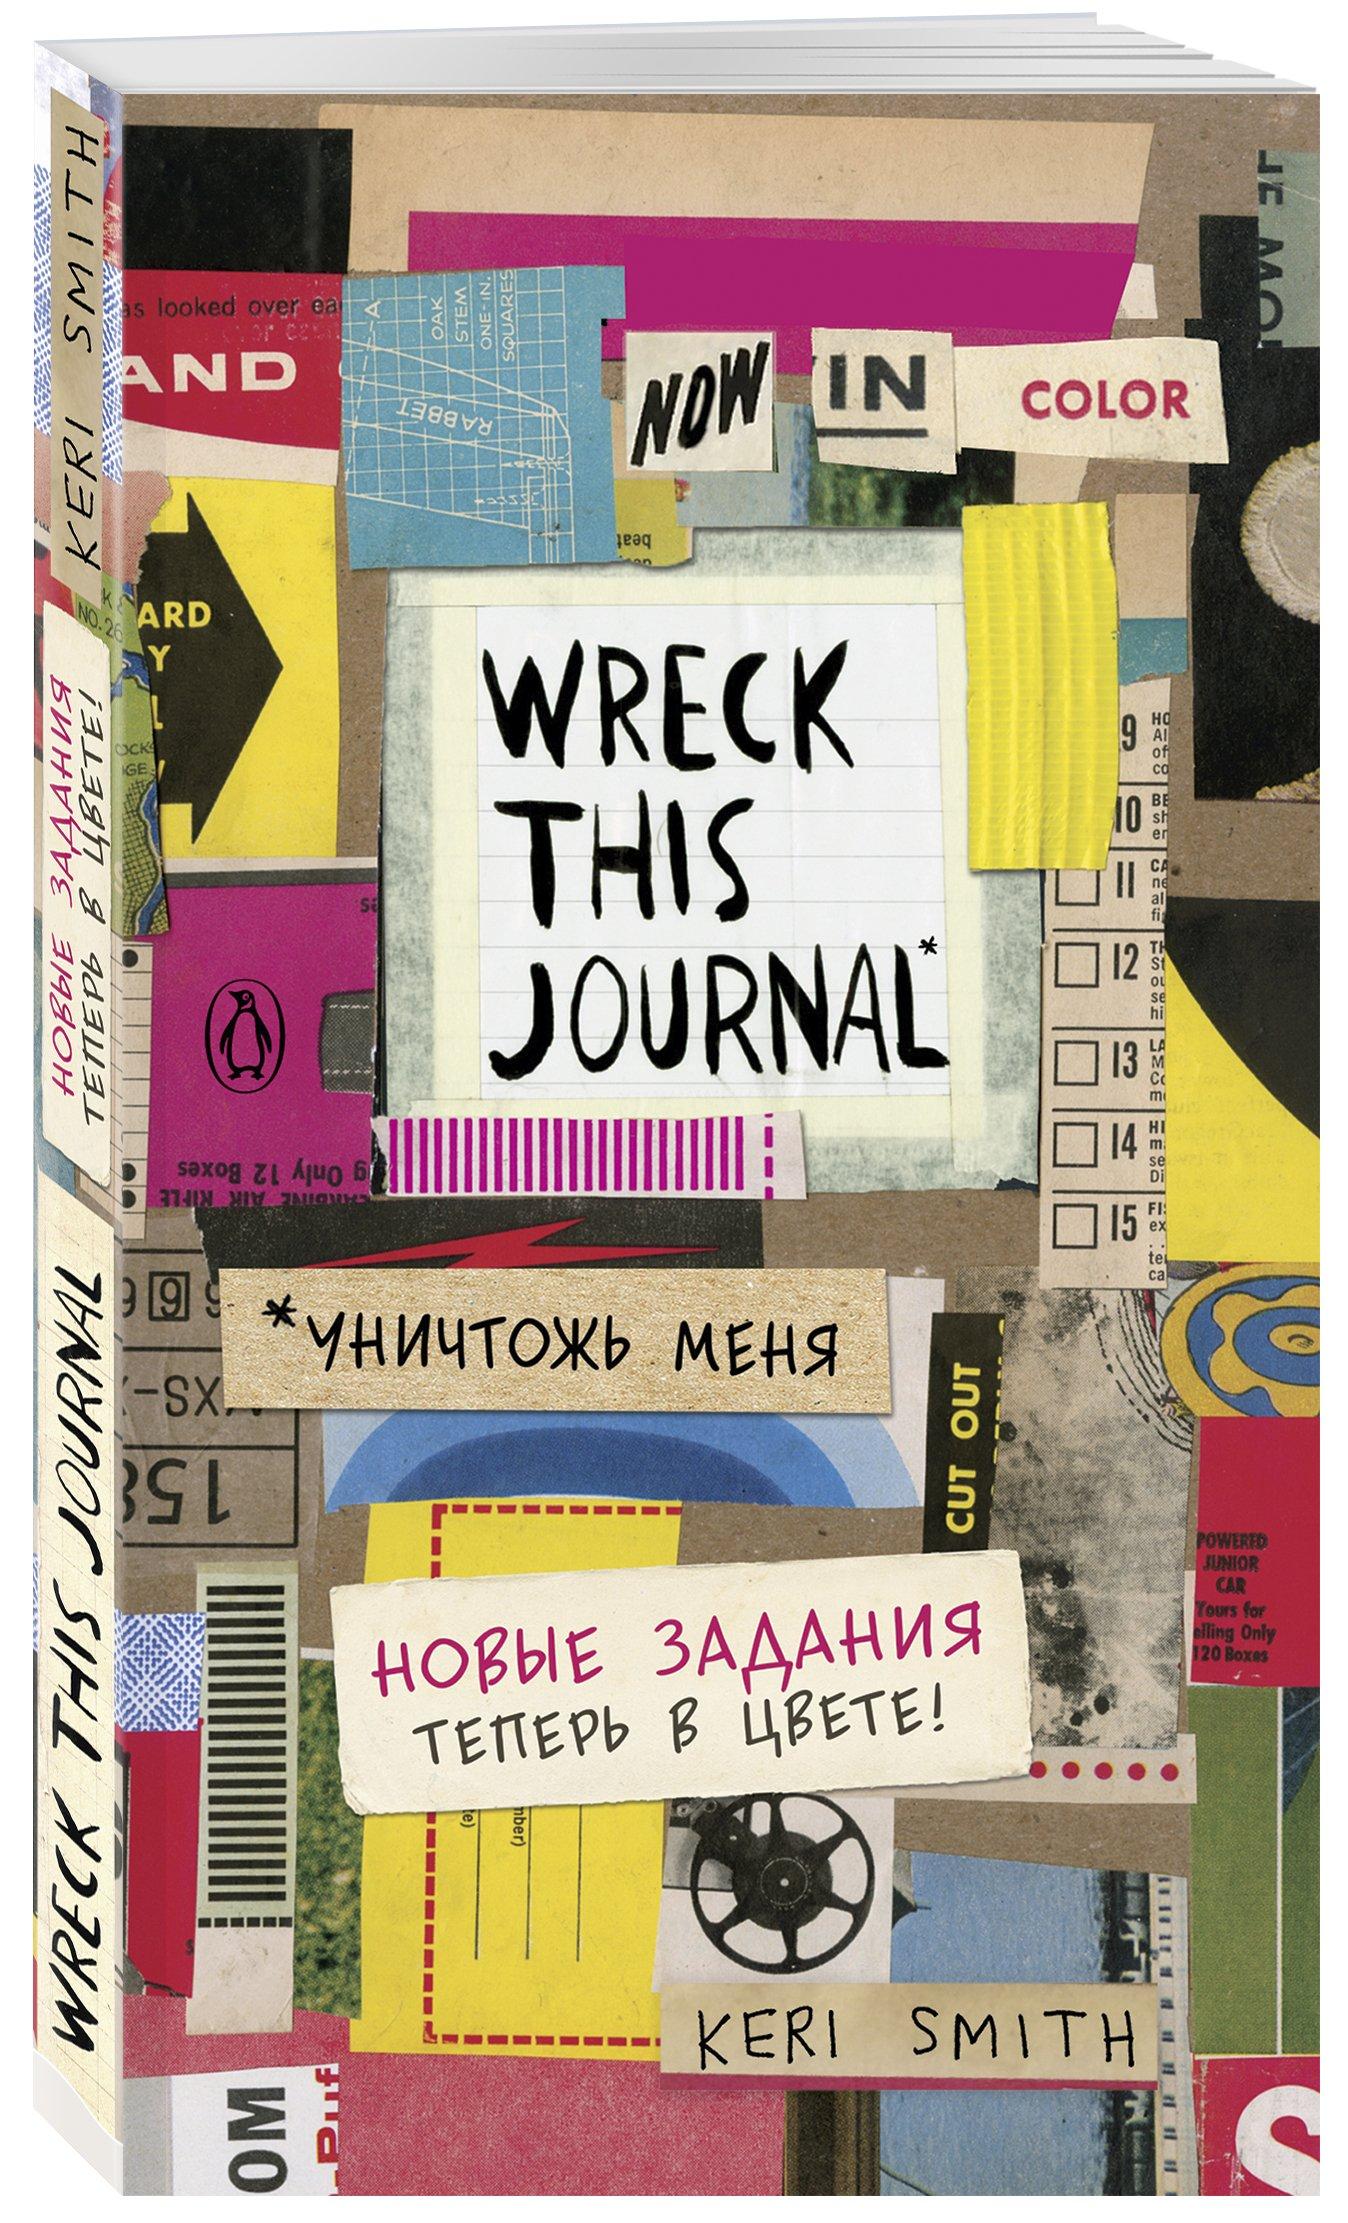 Цветной уничтожь меня. Блокнот с новыми заданиями (англ.назв. Wreck this journal) ( Смит Кери  )